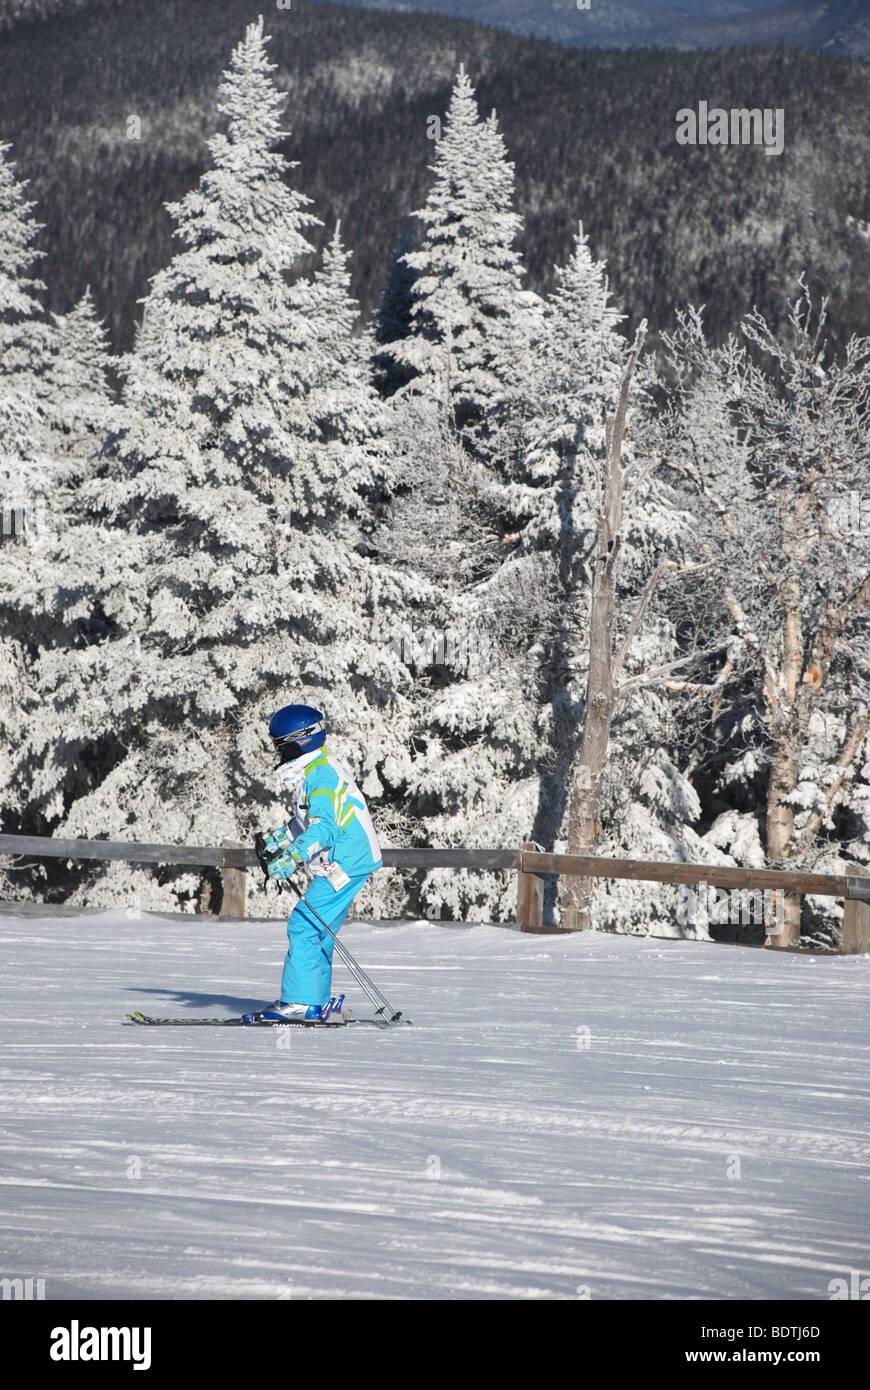 Kid skiing - Stock Image